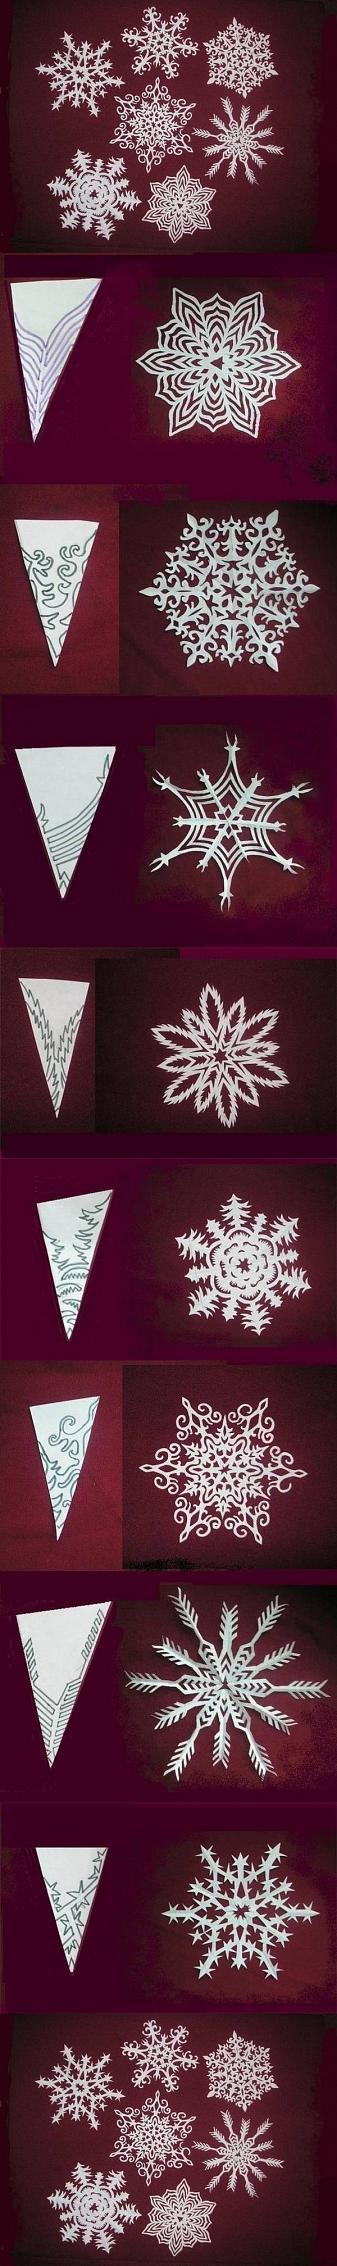 DIY Snowflakes Paper Pattern Tutorial DIY Projects   UsefulDIY.com